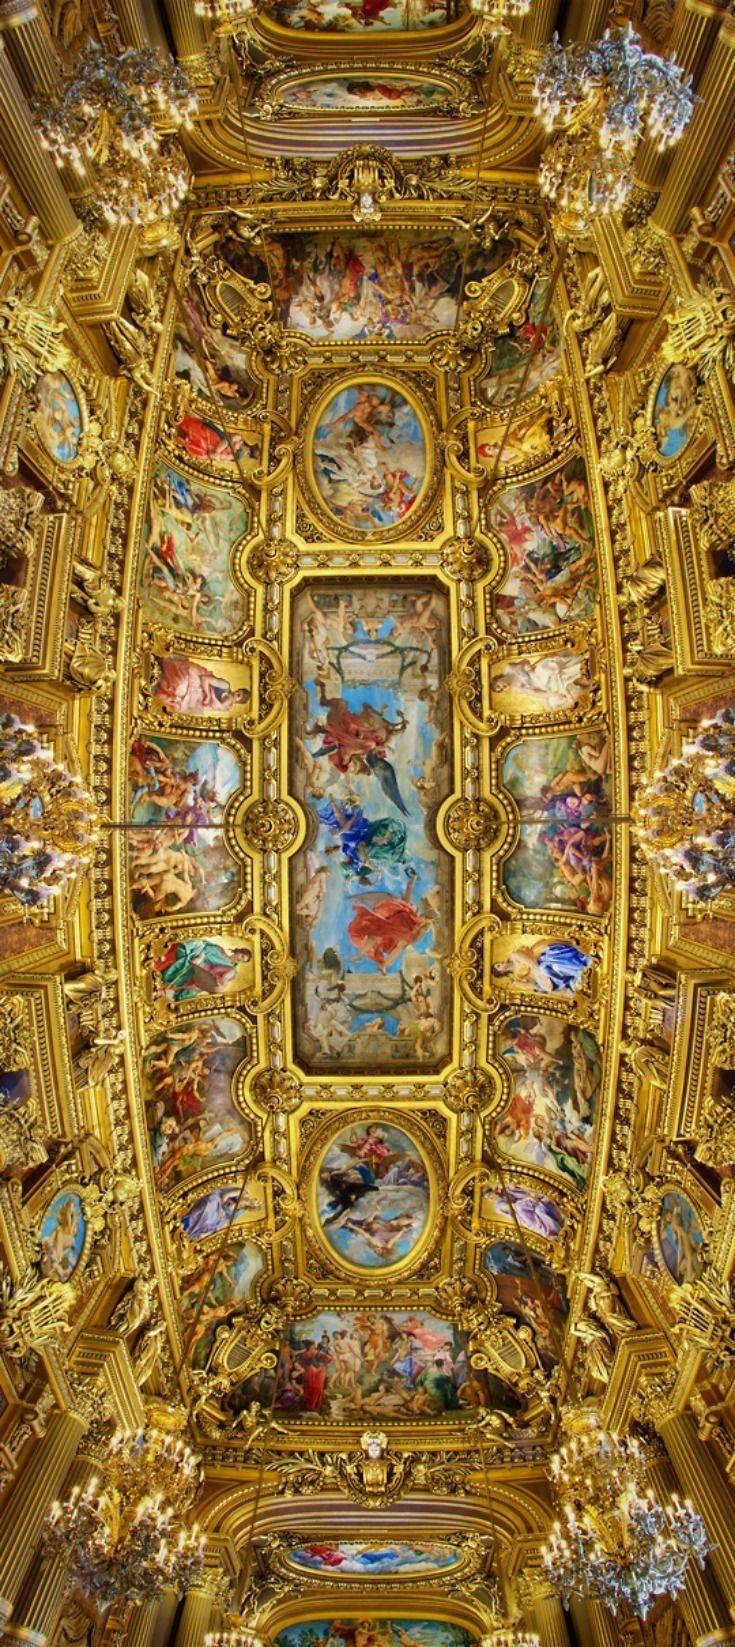 Ceiling, Opéra Garnier, Paris